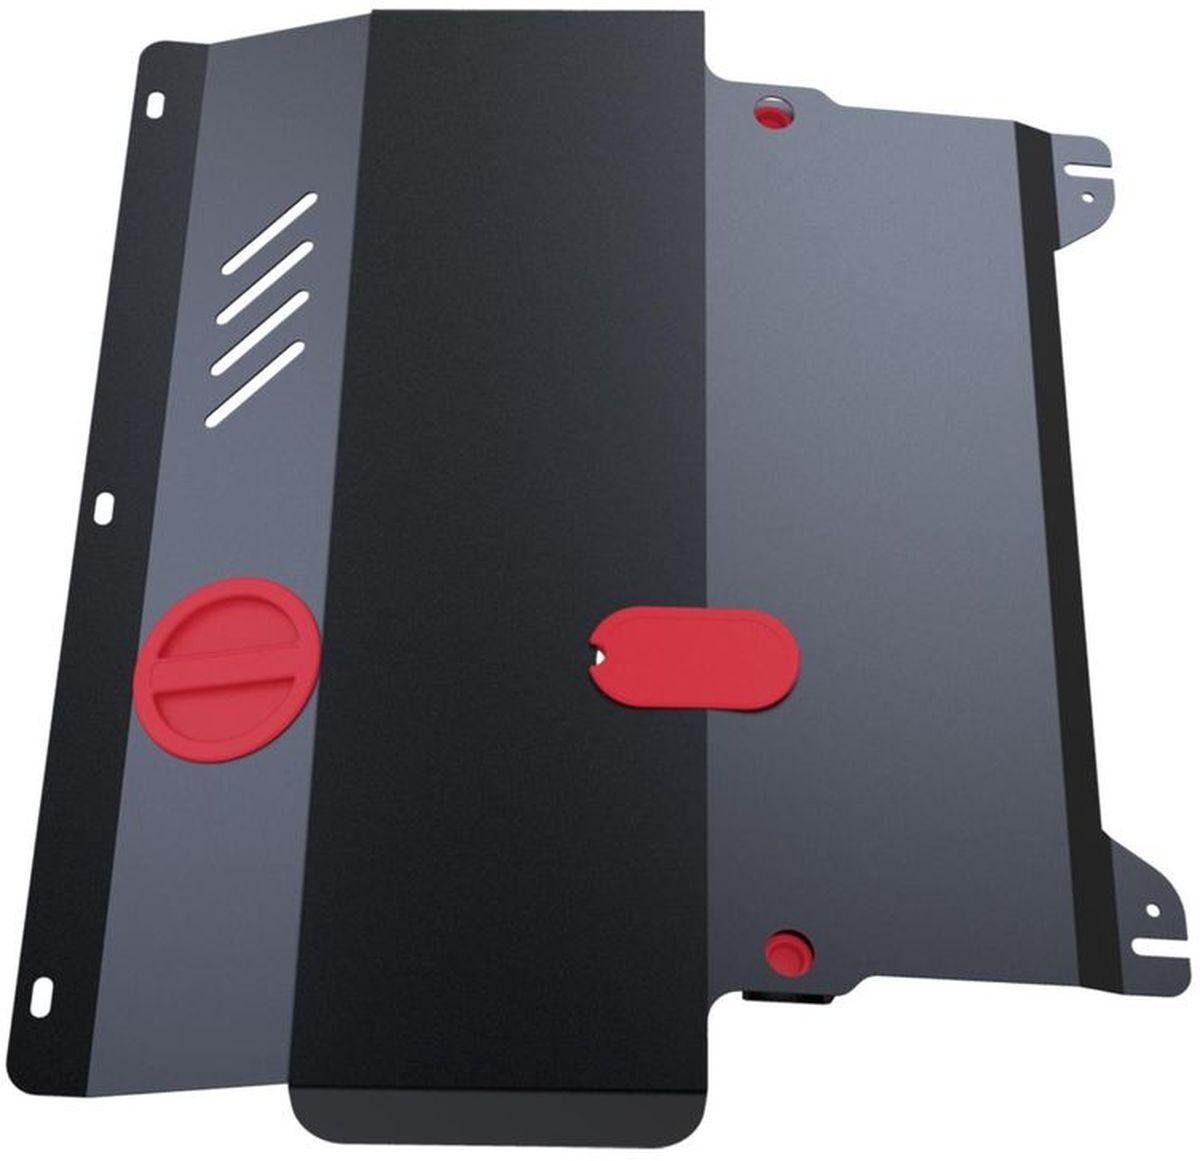 Защита картера и КПП Автоброня, для Nissan Sentra, V - 1,6 (2014-) / Nissan Tiida А, V - 1,6 (2015-)111.04151.1Технологически совершенный продукт за невысокую стоимость. Защита разработана с учетом особенностей днища автомобиля, что позволяет сохранить дорожный просвет с минимальным изменением. Защита устанавливается в штатные места кузова автомобиля. Глубокий штамп обеспечивает до двух раз больше жесткости в сравнении с обычной защитой той же толщины. Проштампованные ребра жесткости препятствуют деформации защиты при ударах. Тепловой зазор и вентиляционные отверстия обеспечивают сохранение температурного режима двигателя в норме. Скрытый крепеж предотвращает срыв крепежных элементов при наезде на препятствие. Шумопоглощающие резиновые элементы обеспечивают комфортную езду без вибраций и скрежета металла, а съемные лючки для слива масла и замены фильтра - экономию средств и время. Конструкция изделия не влияет на пассивную безопасность автомобиля (при ударе защита не воздействует на деформационные зоны кузова). Со штатным крепежом. В комплекте инструкция по установке....